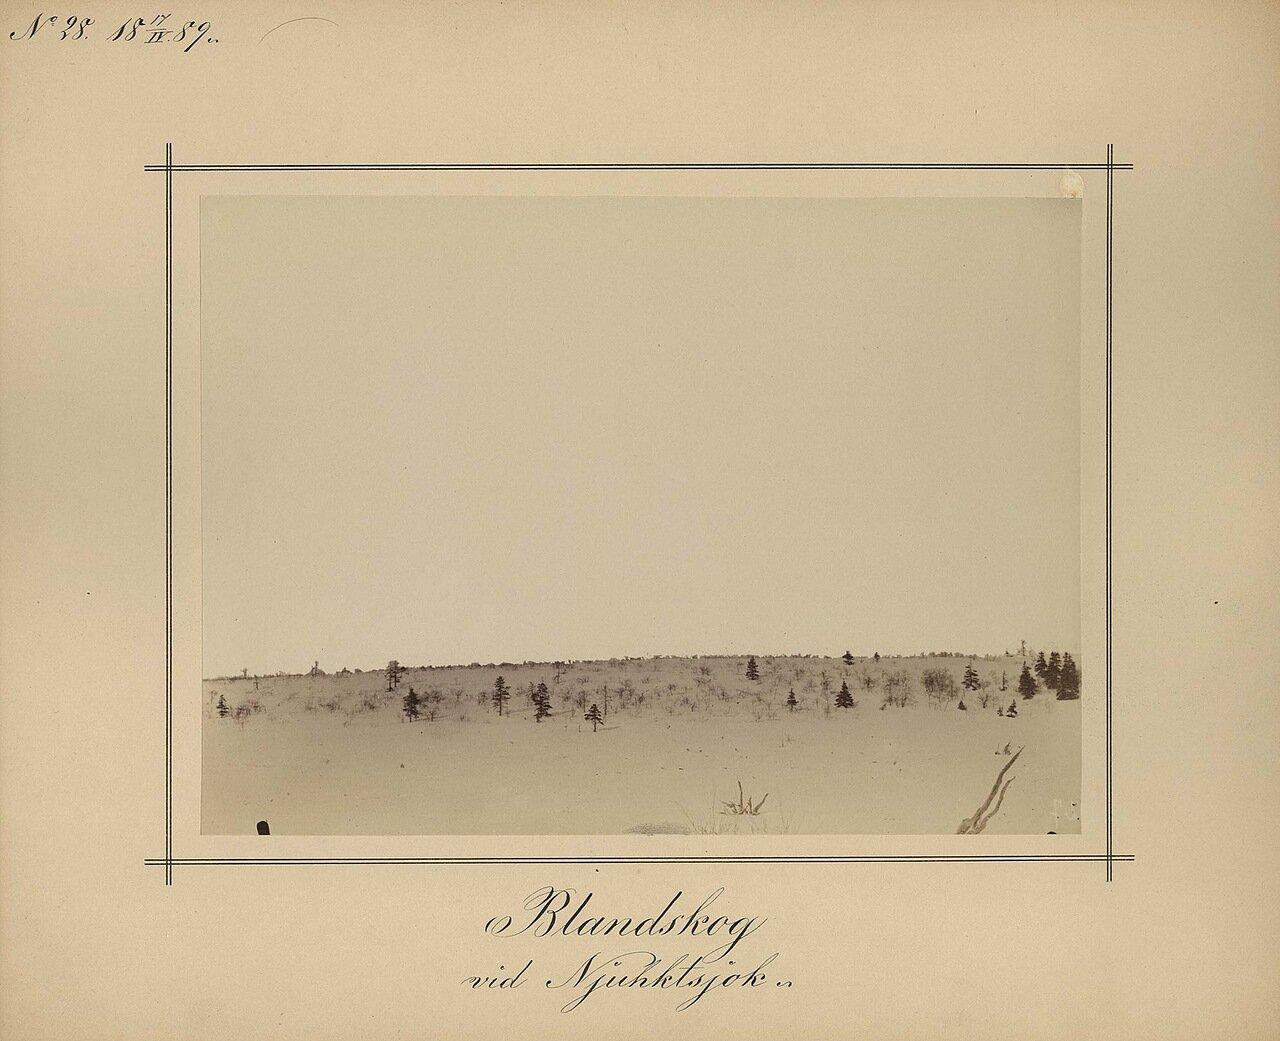 17.4.1889. Смешанный лес возле реки Njukhts